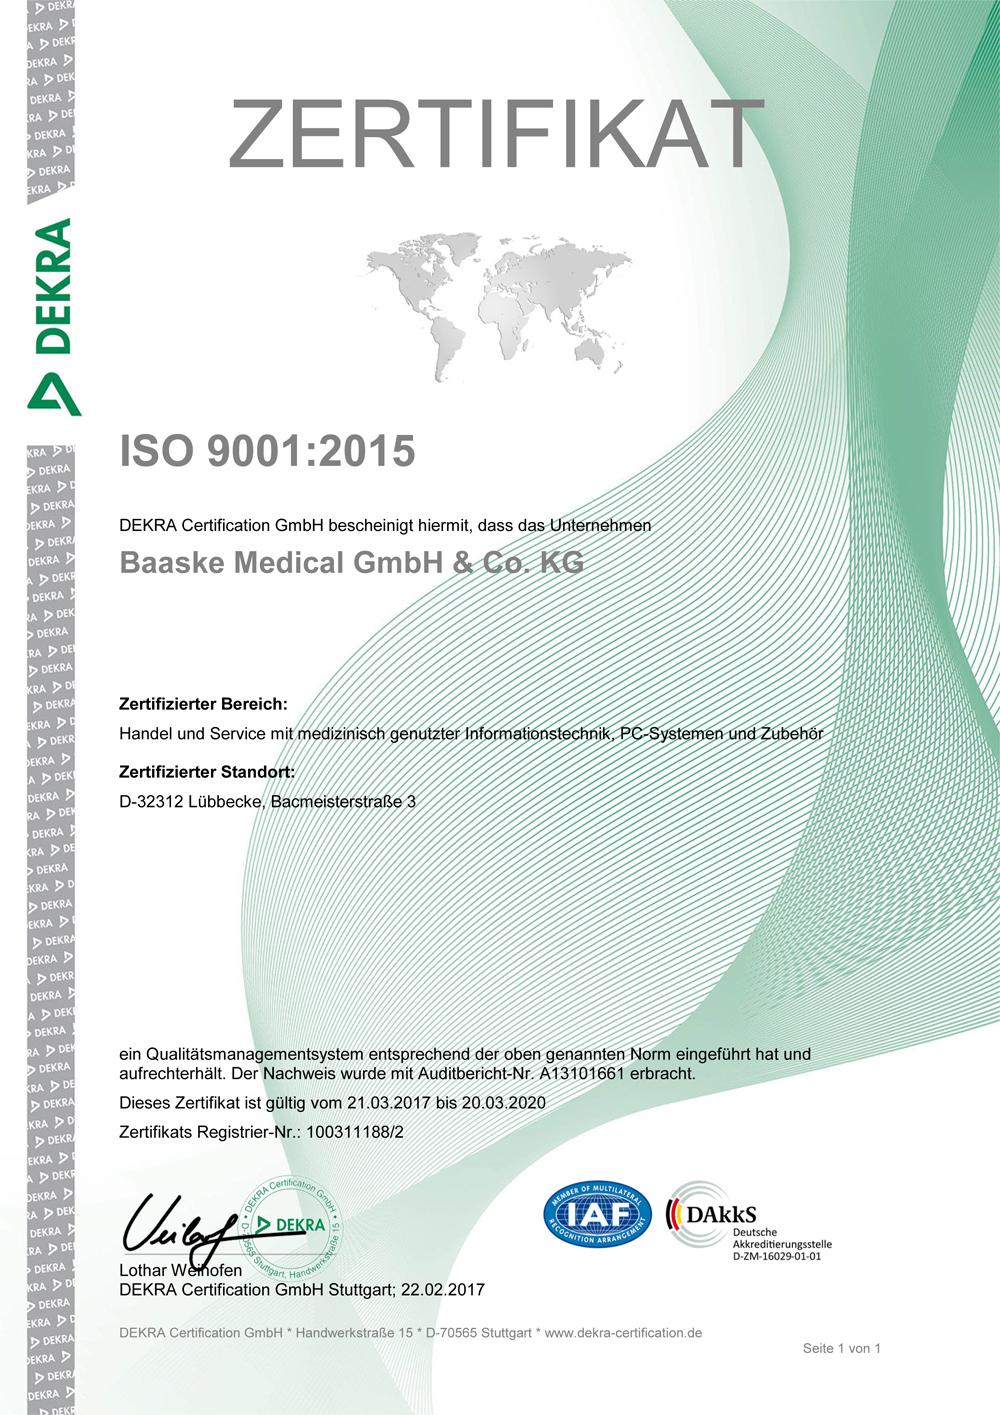 Zertifikat_9001_2015_web